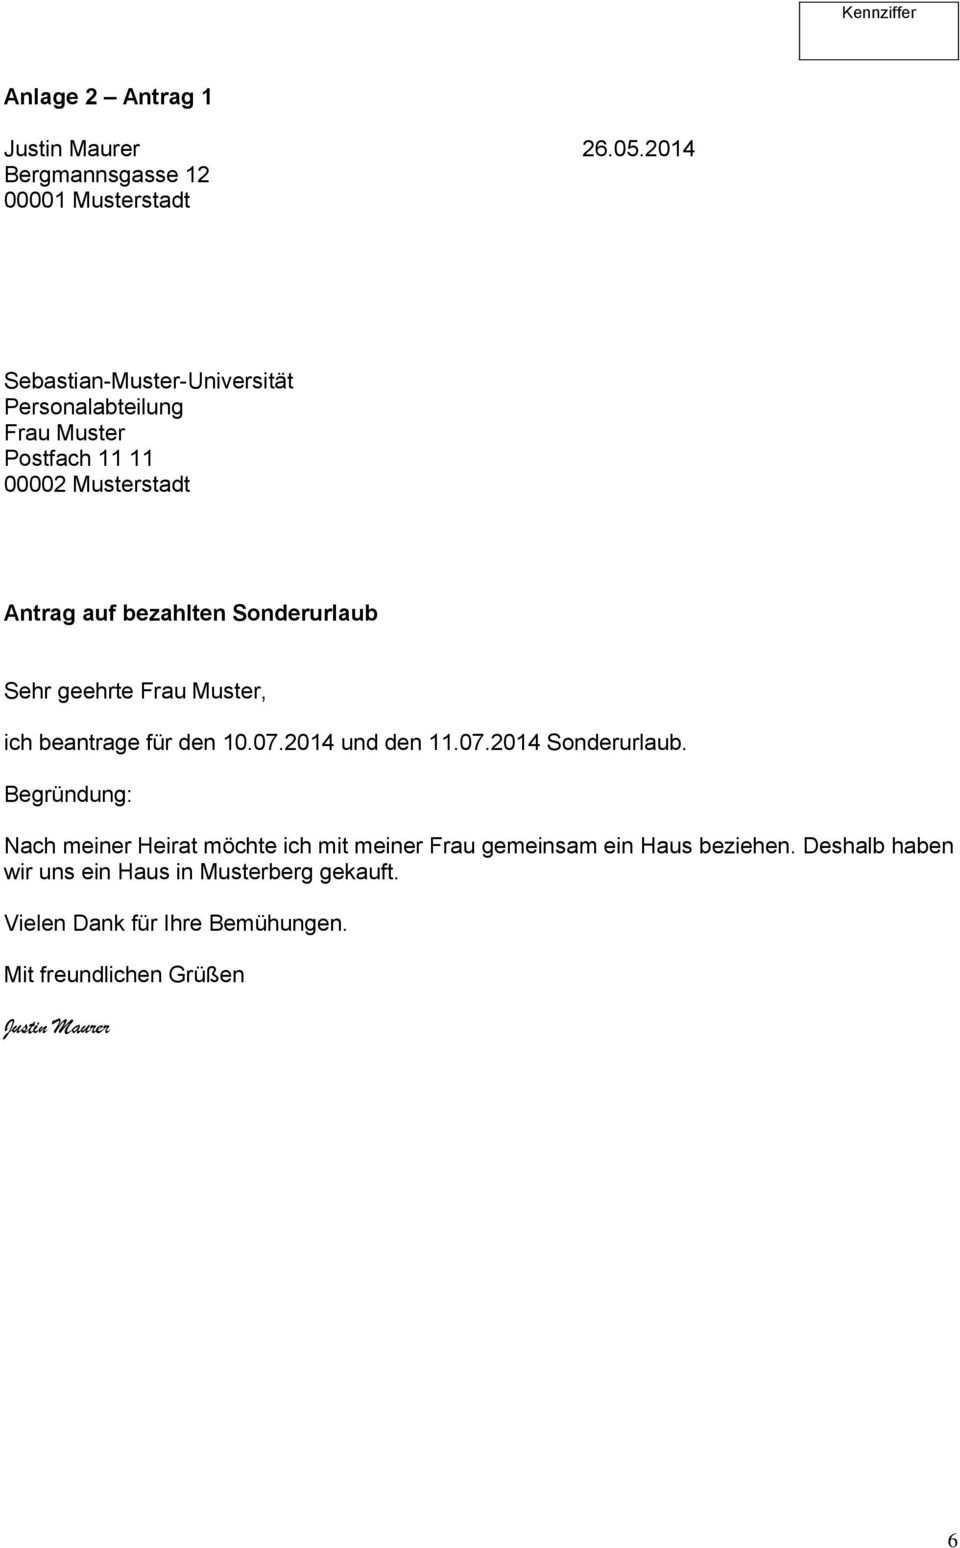 Thuringer Landesverwaltungsamt Zustandige Stelle Nach 73 Bbig Pdf Free Download